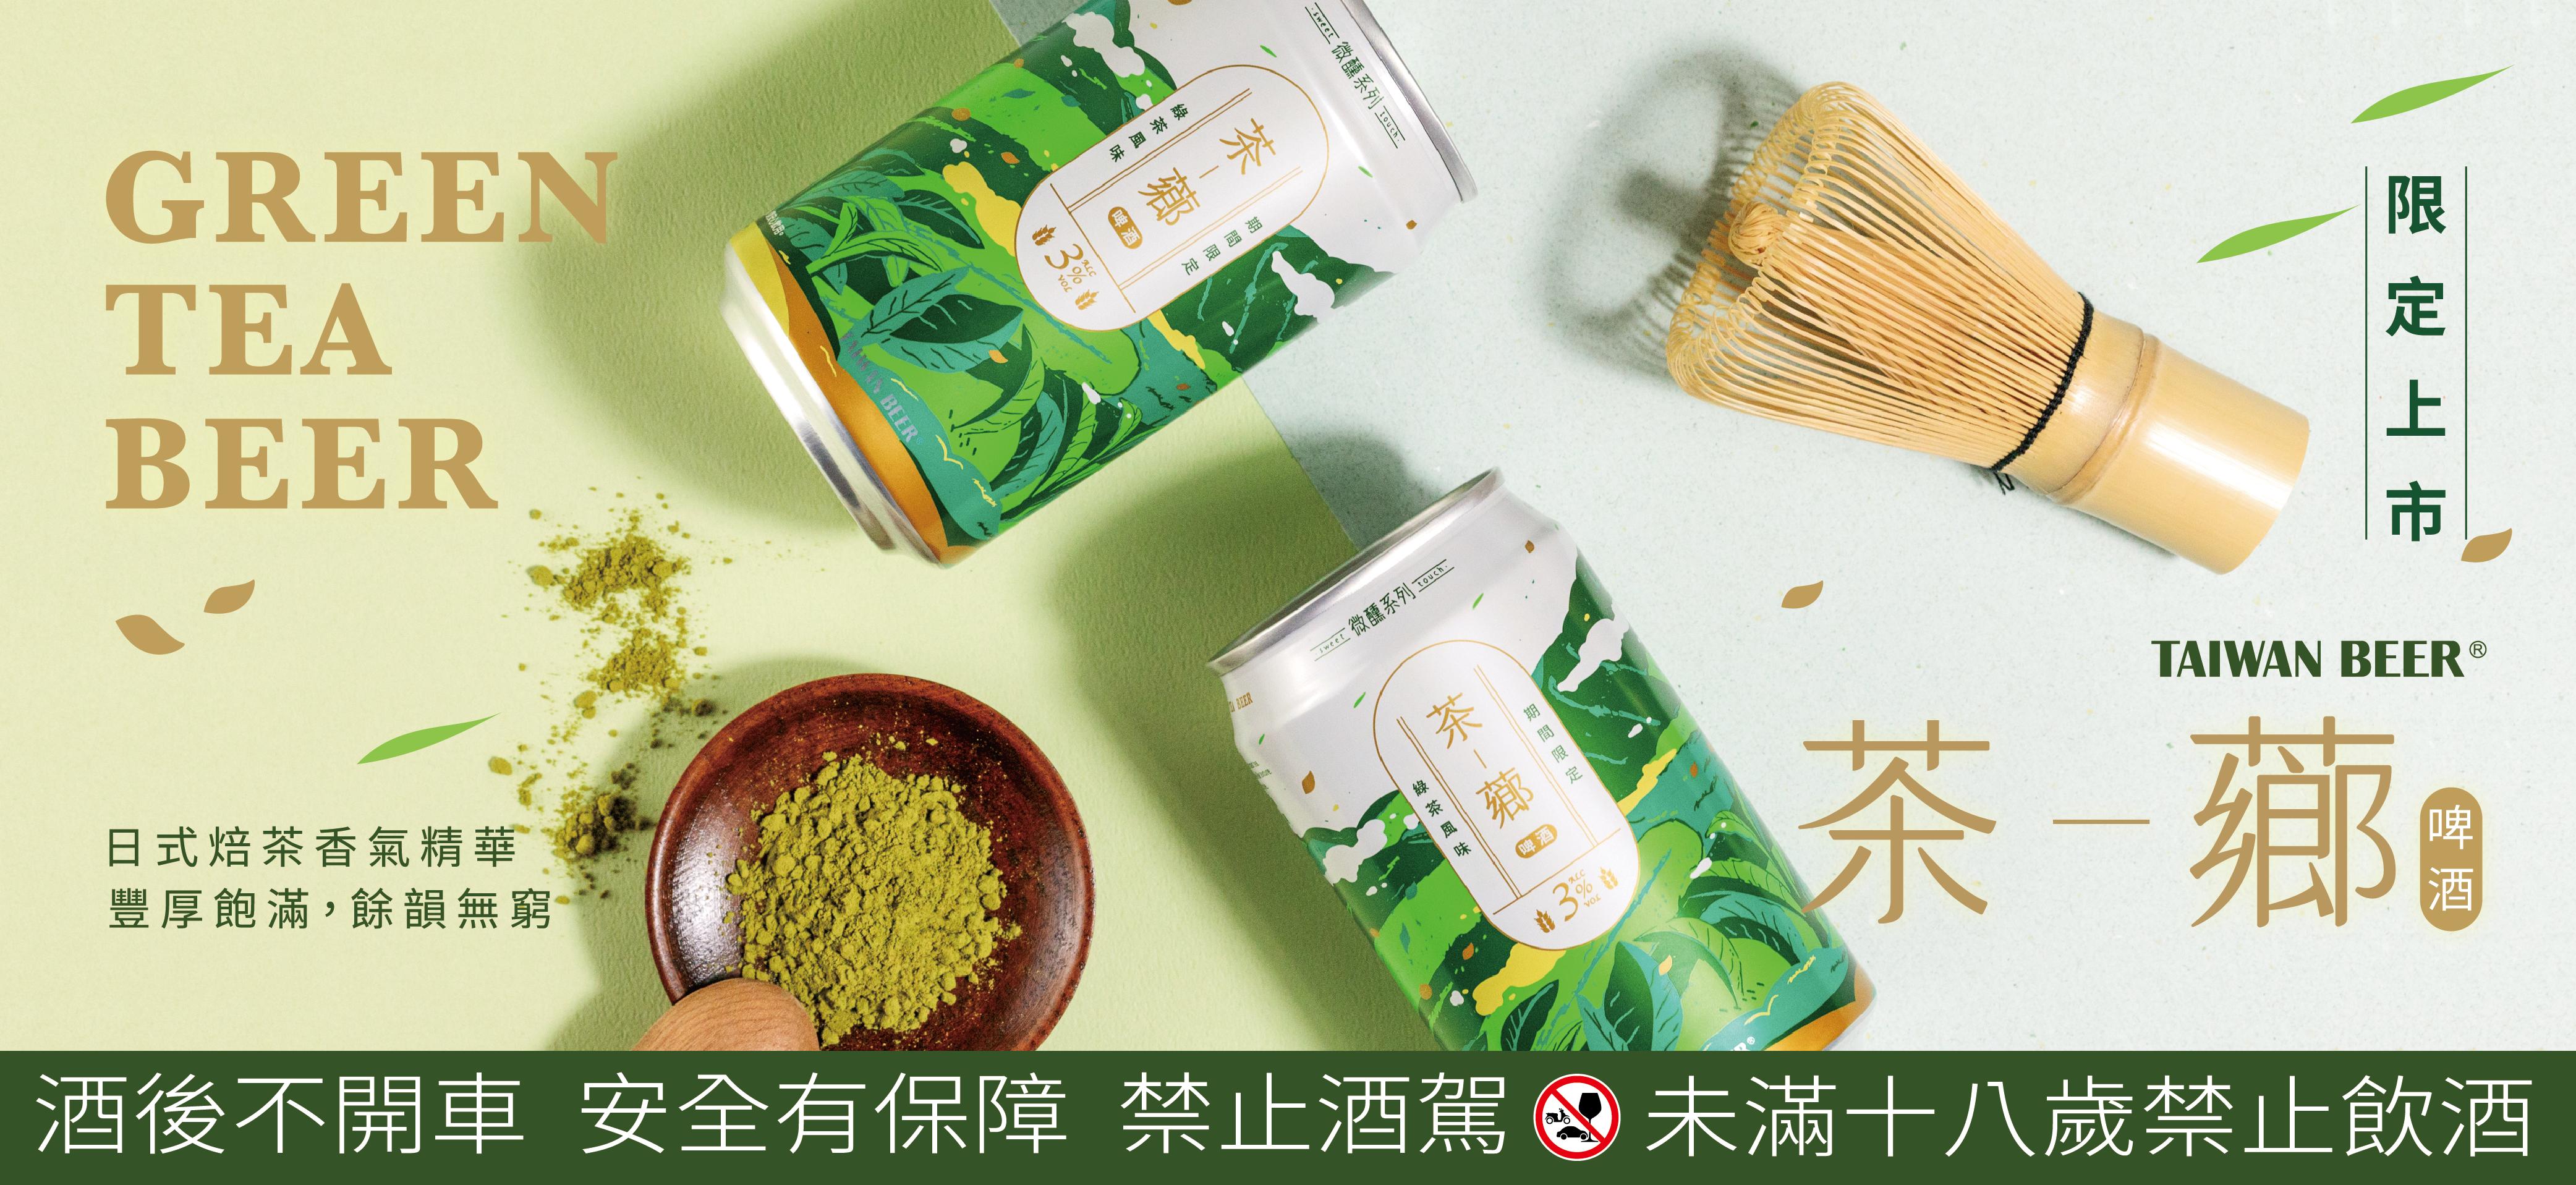 台啤微醺今年第一波新品「茶薌啤酒」限定上市